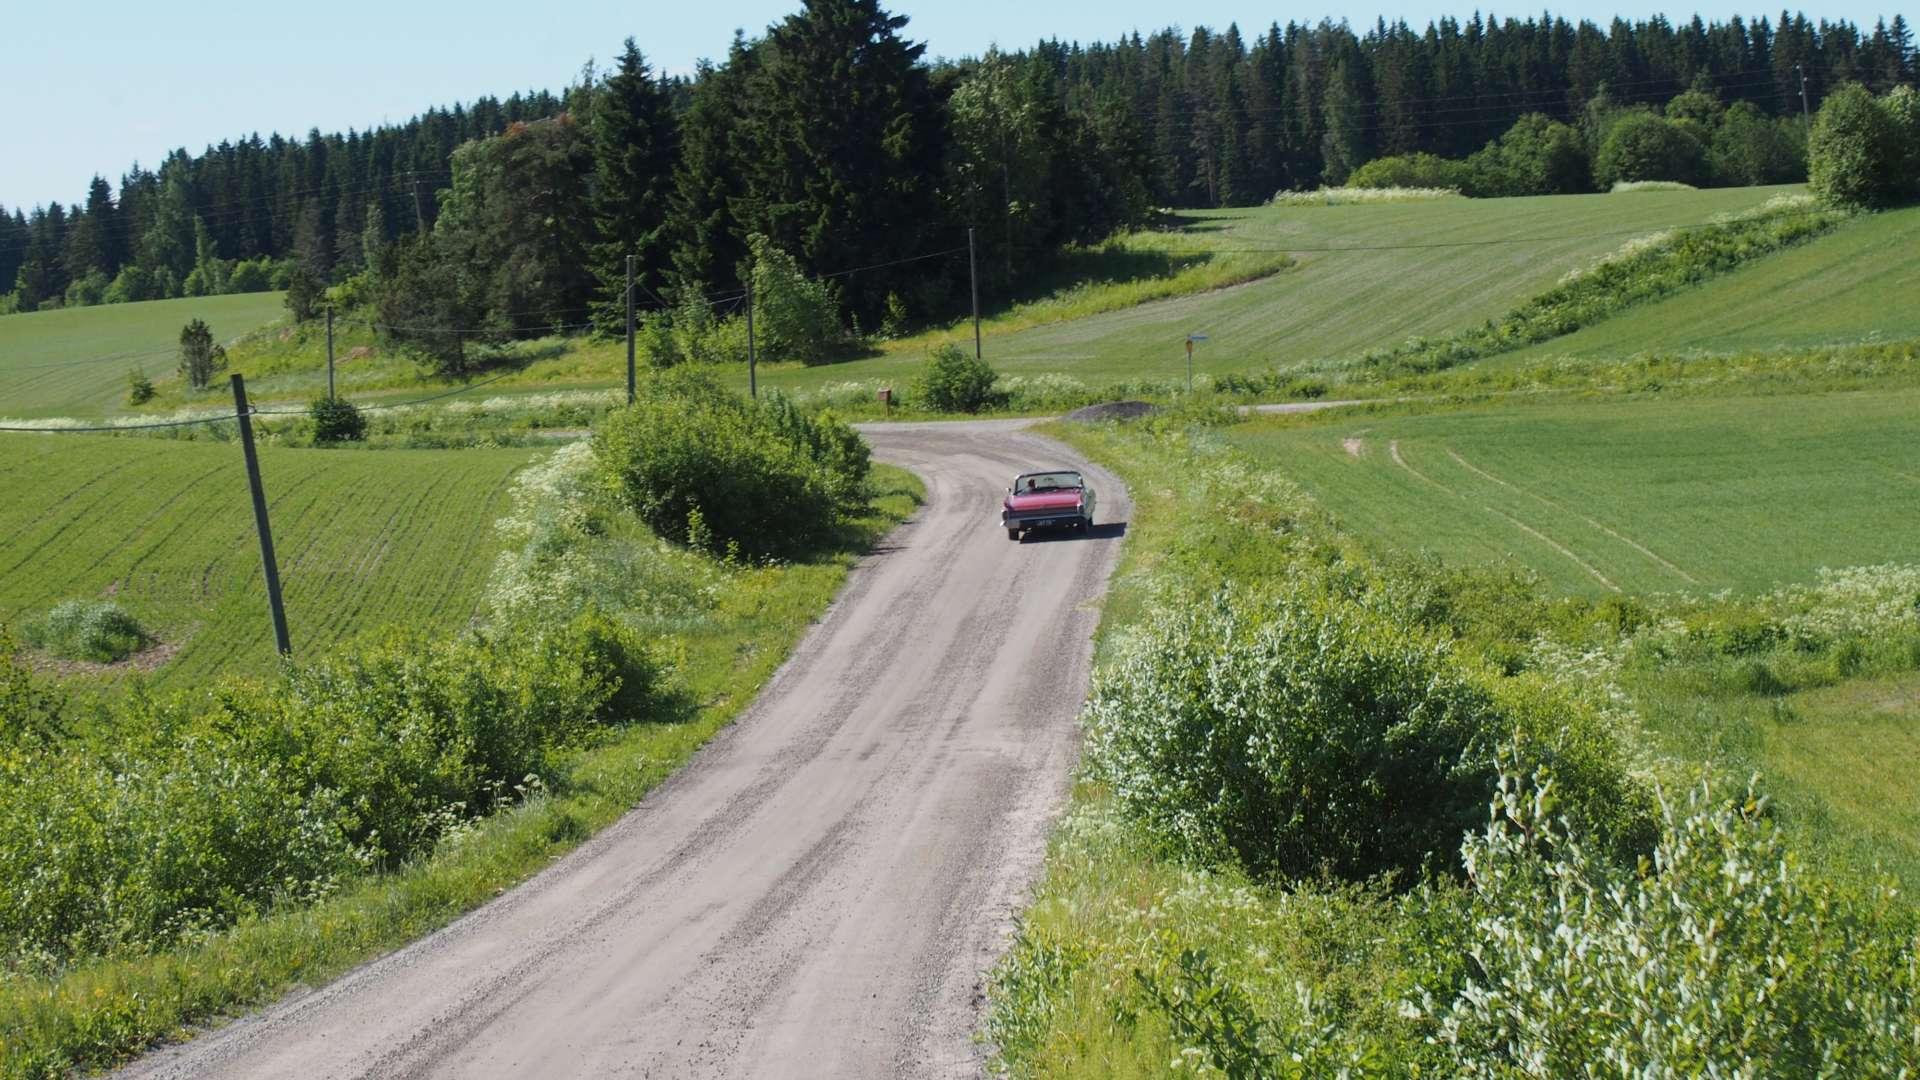 Oriveden Pitkäjärven kauniissa, kesäisissä maalaismaisemissa ajelua.